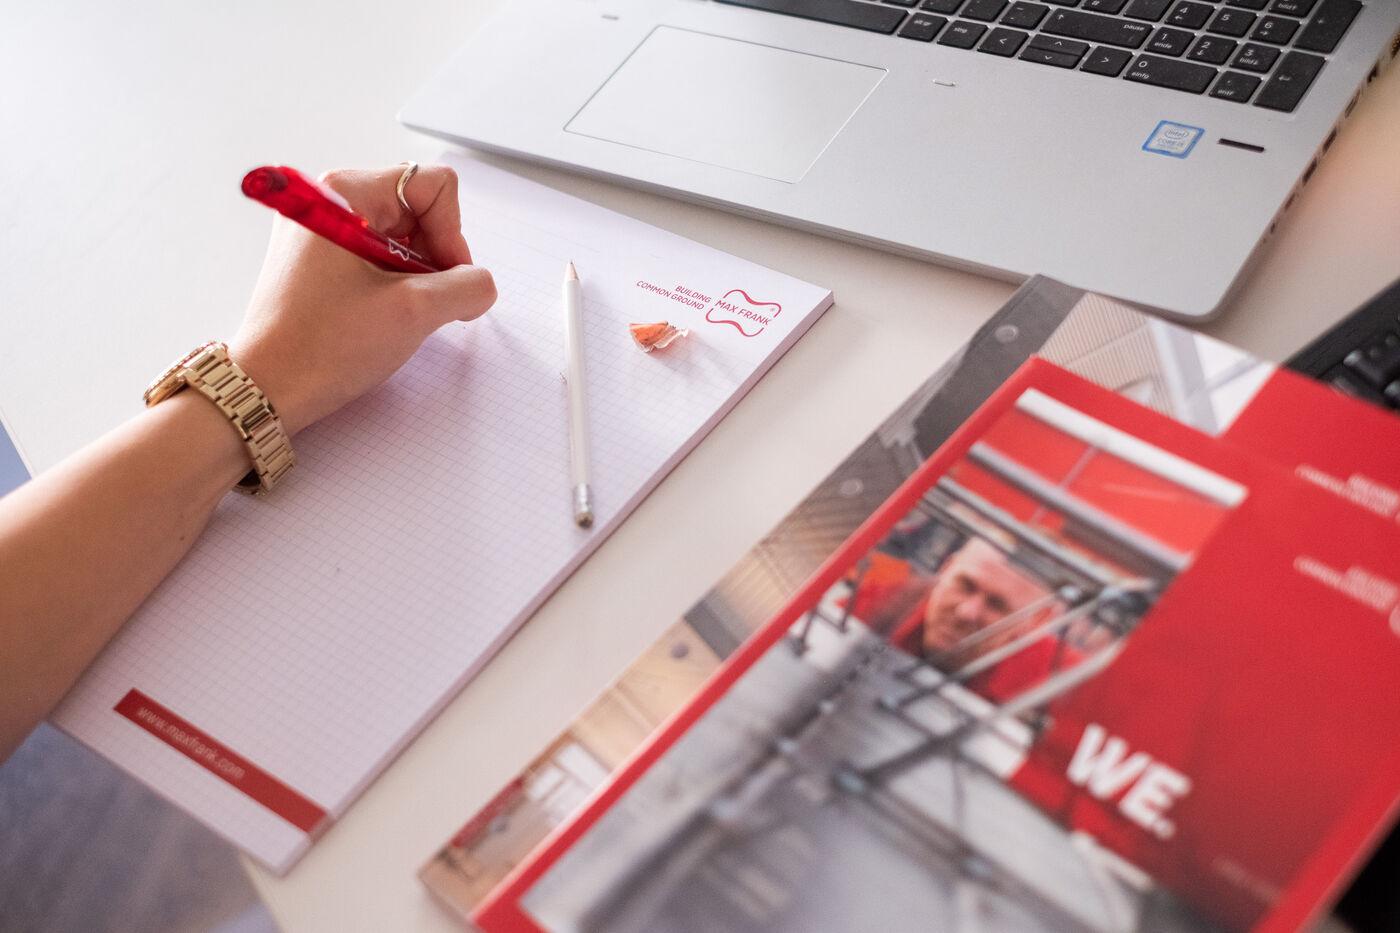 Initiativbewerbung Standort Pressig - Job - Application form